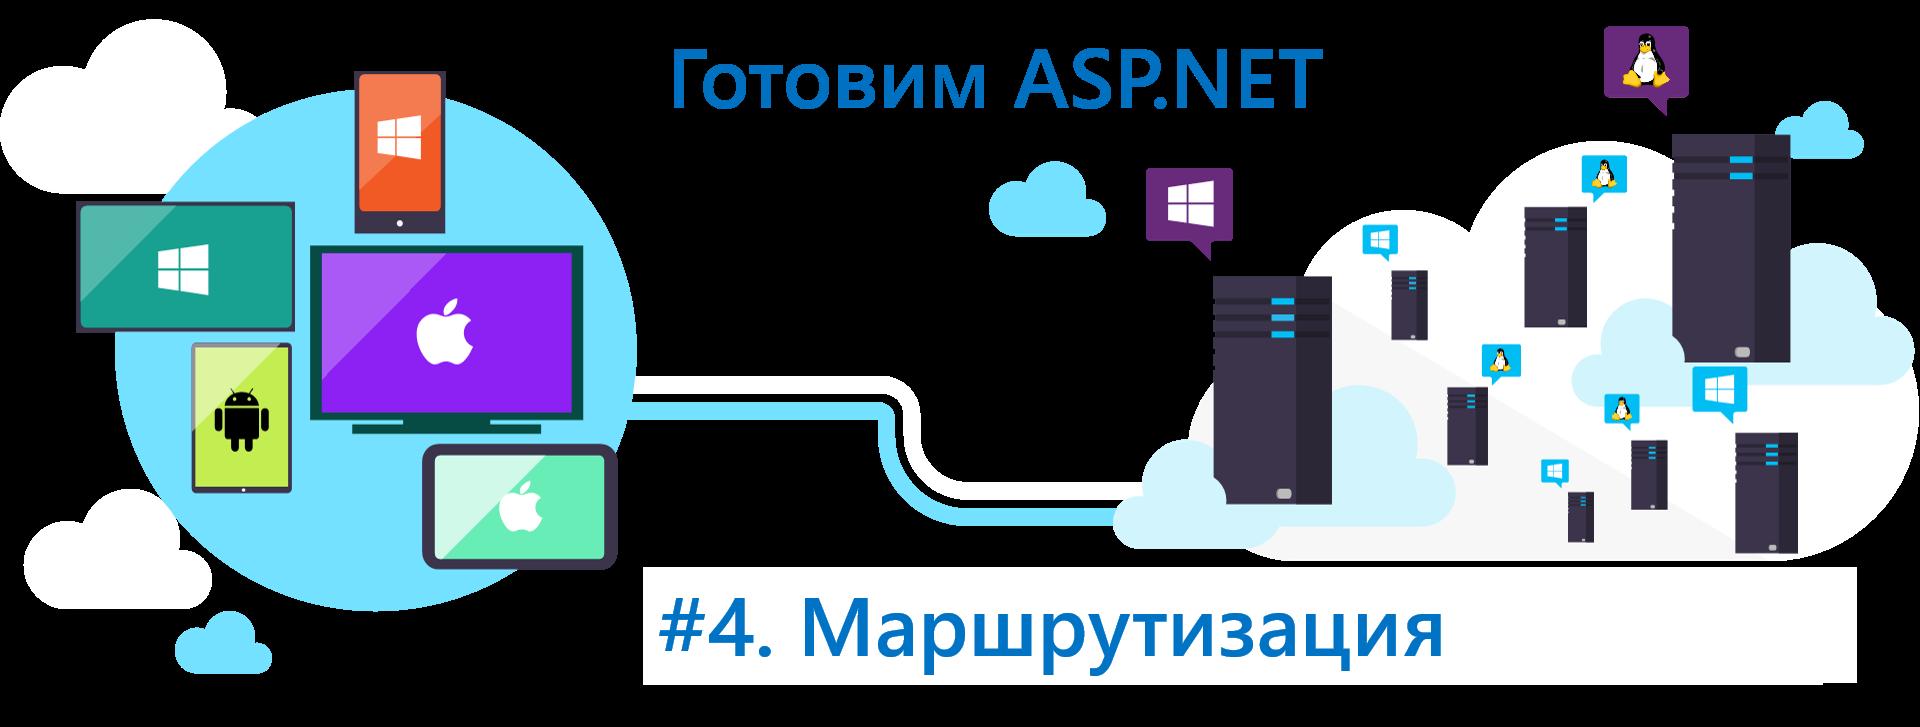 Готовим ASP.NET5, выпуск №4 — подробно про маршрутизацию